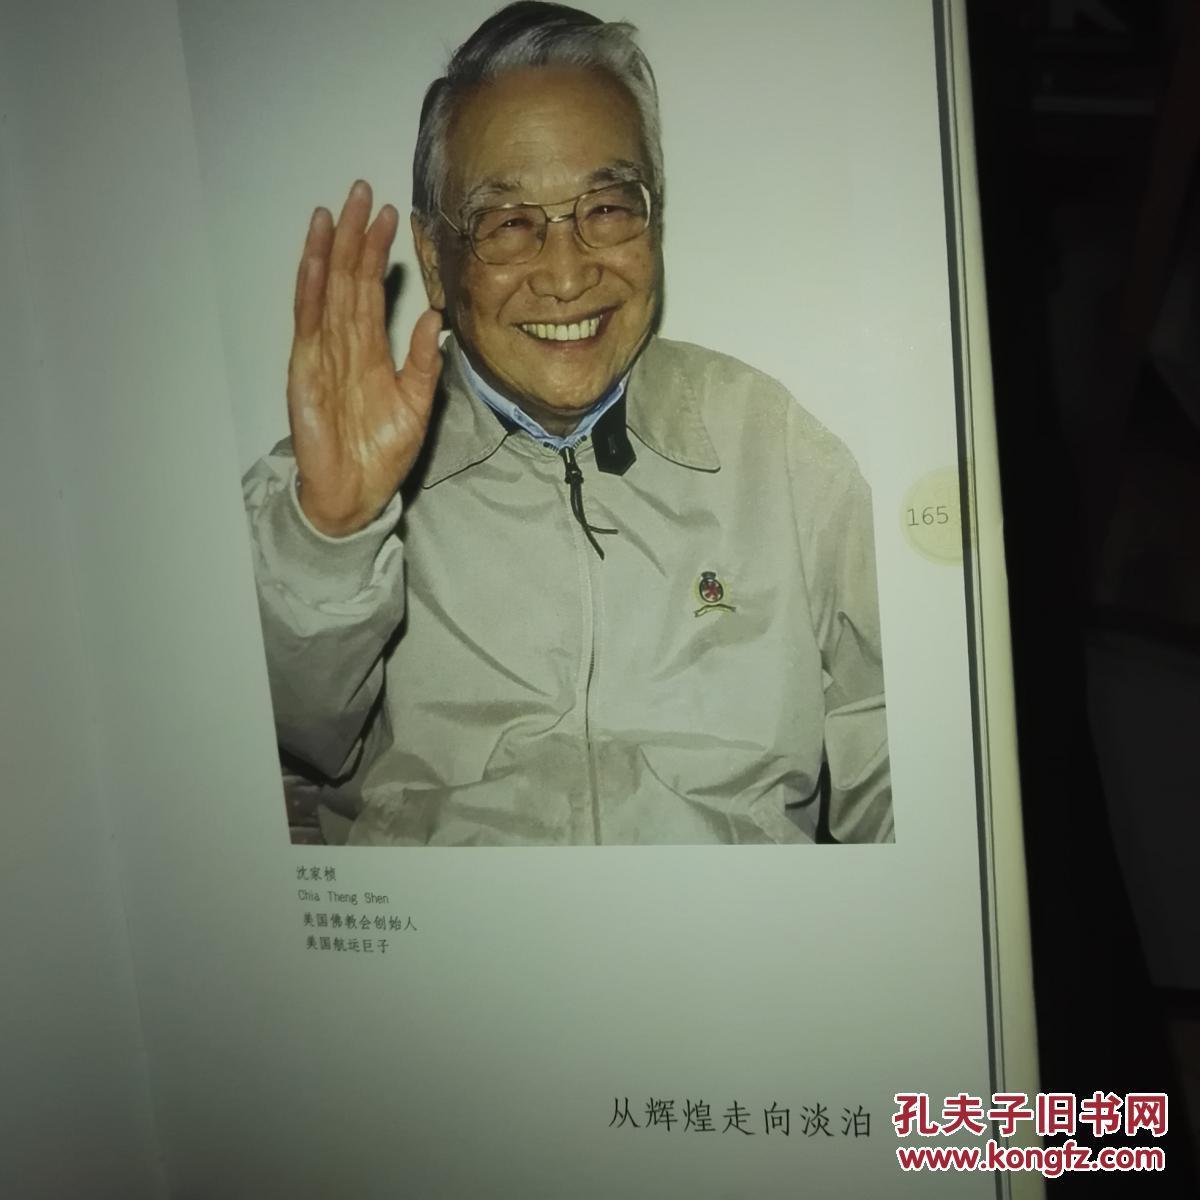 【沈家桢签名本】精彩人生:美国华裔名人写真集 精装